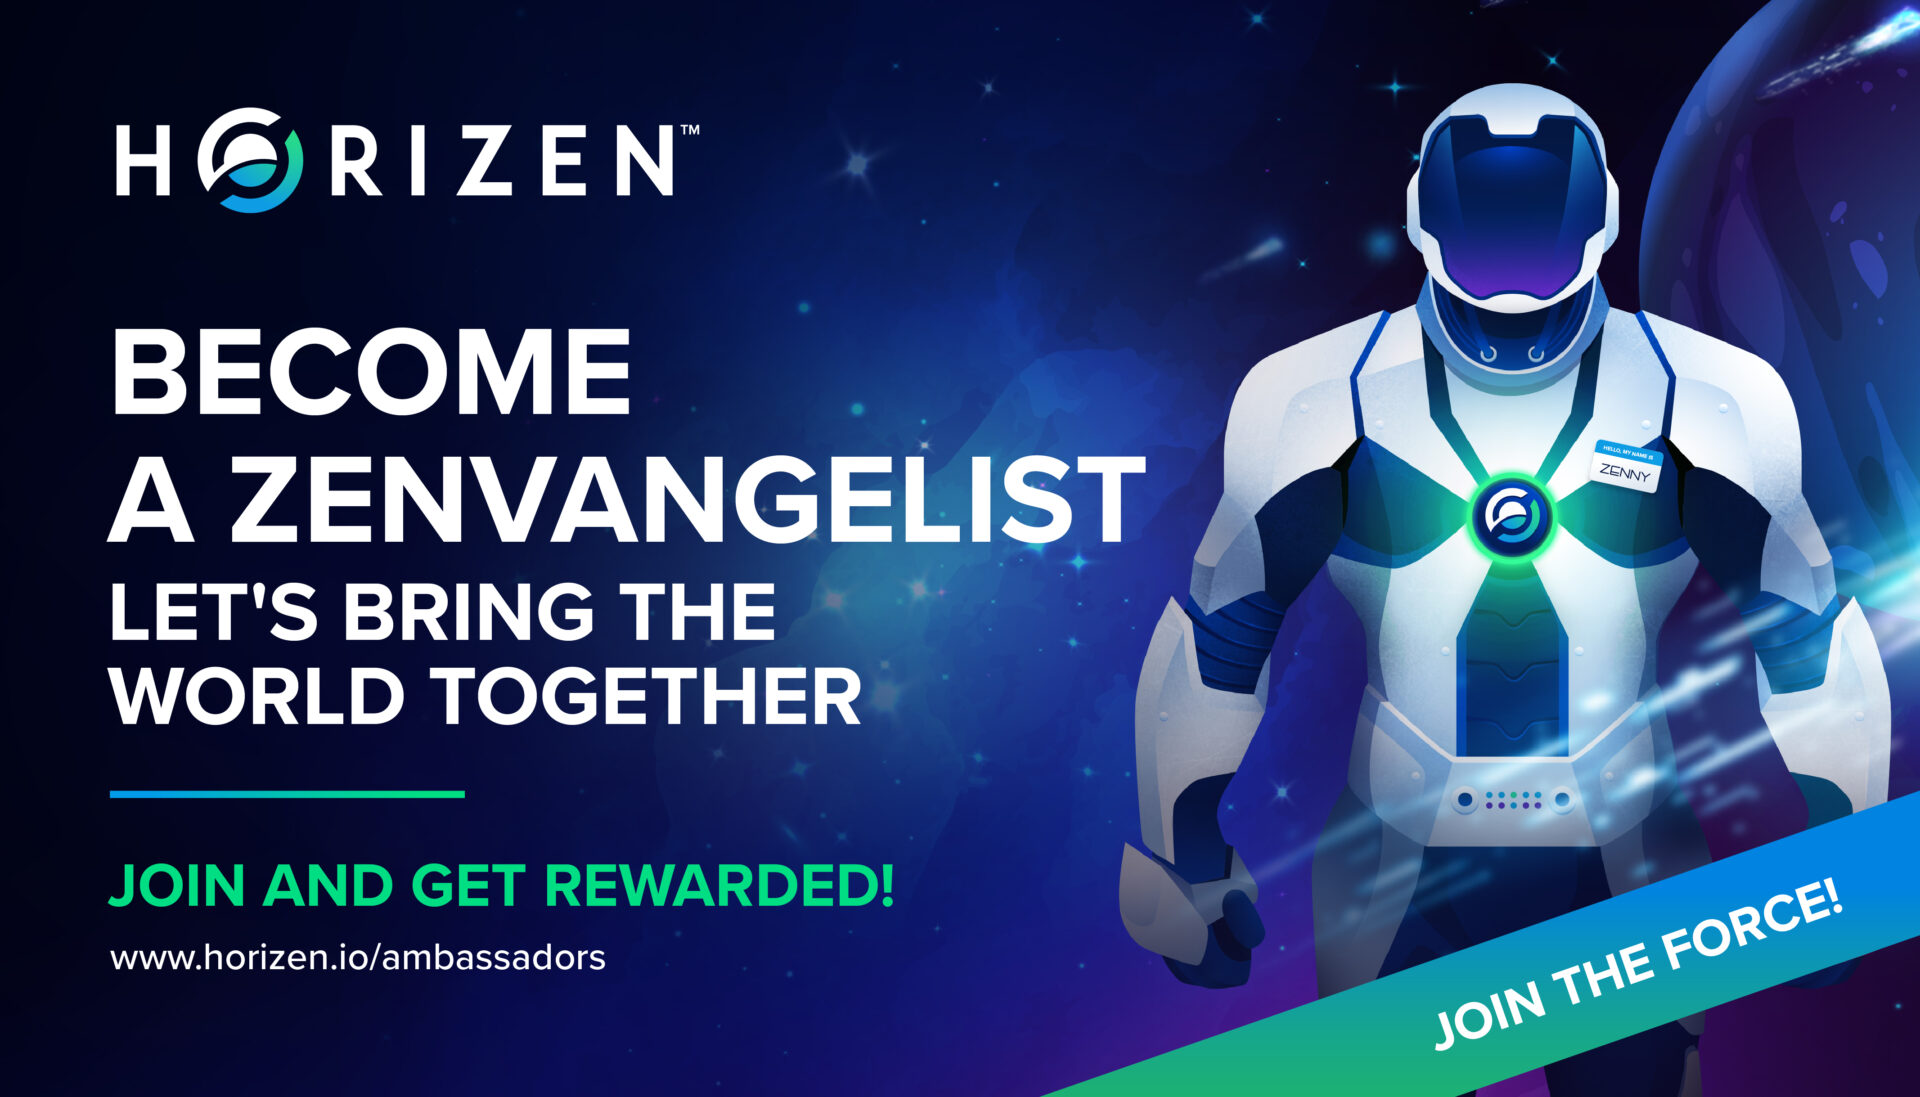 The Horizen Zenvangelist Program is Here! - Horizen